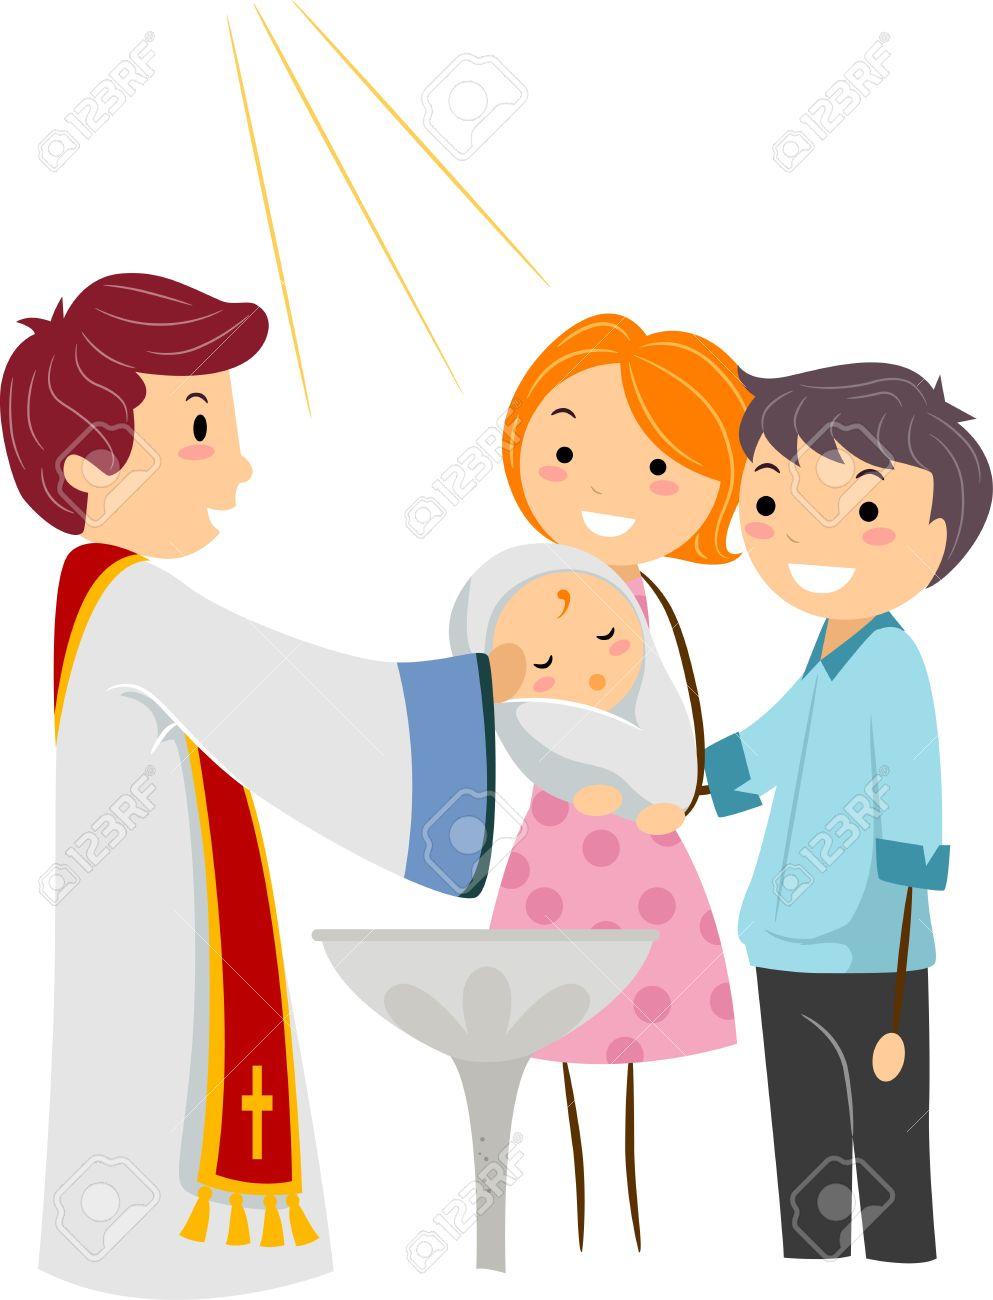 Ilustración de un sacerdote bautizando a un niño Foto de archivo - 9707223